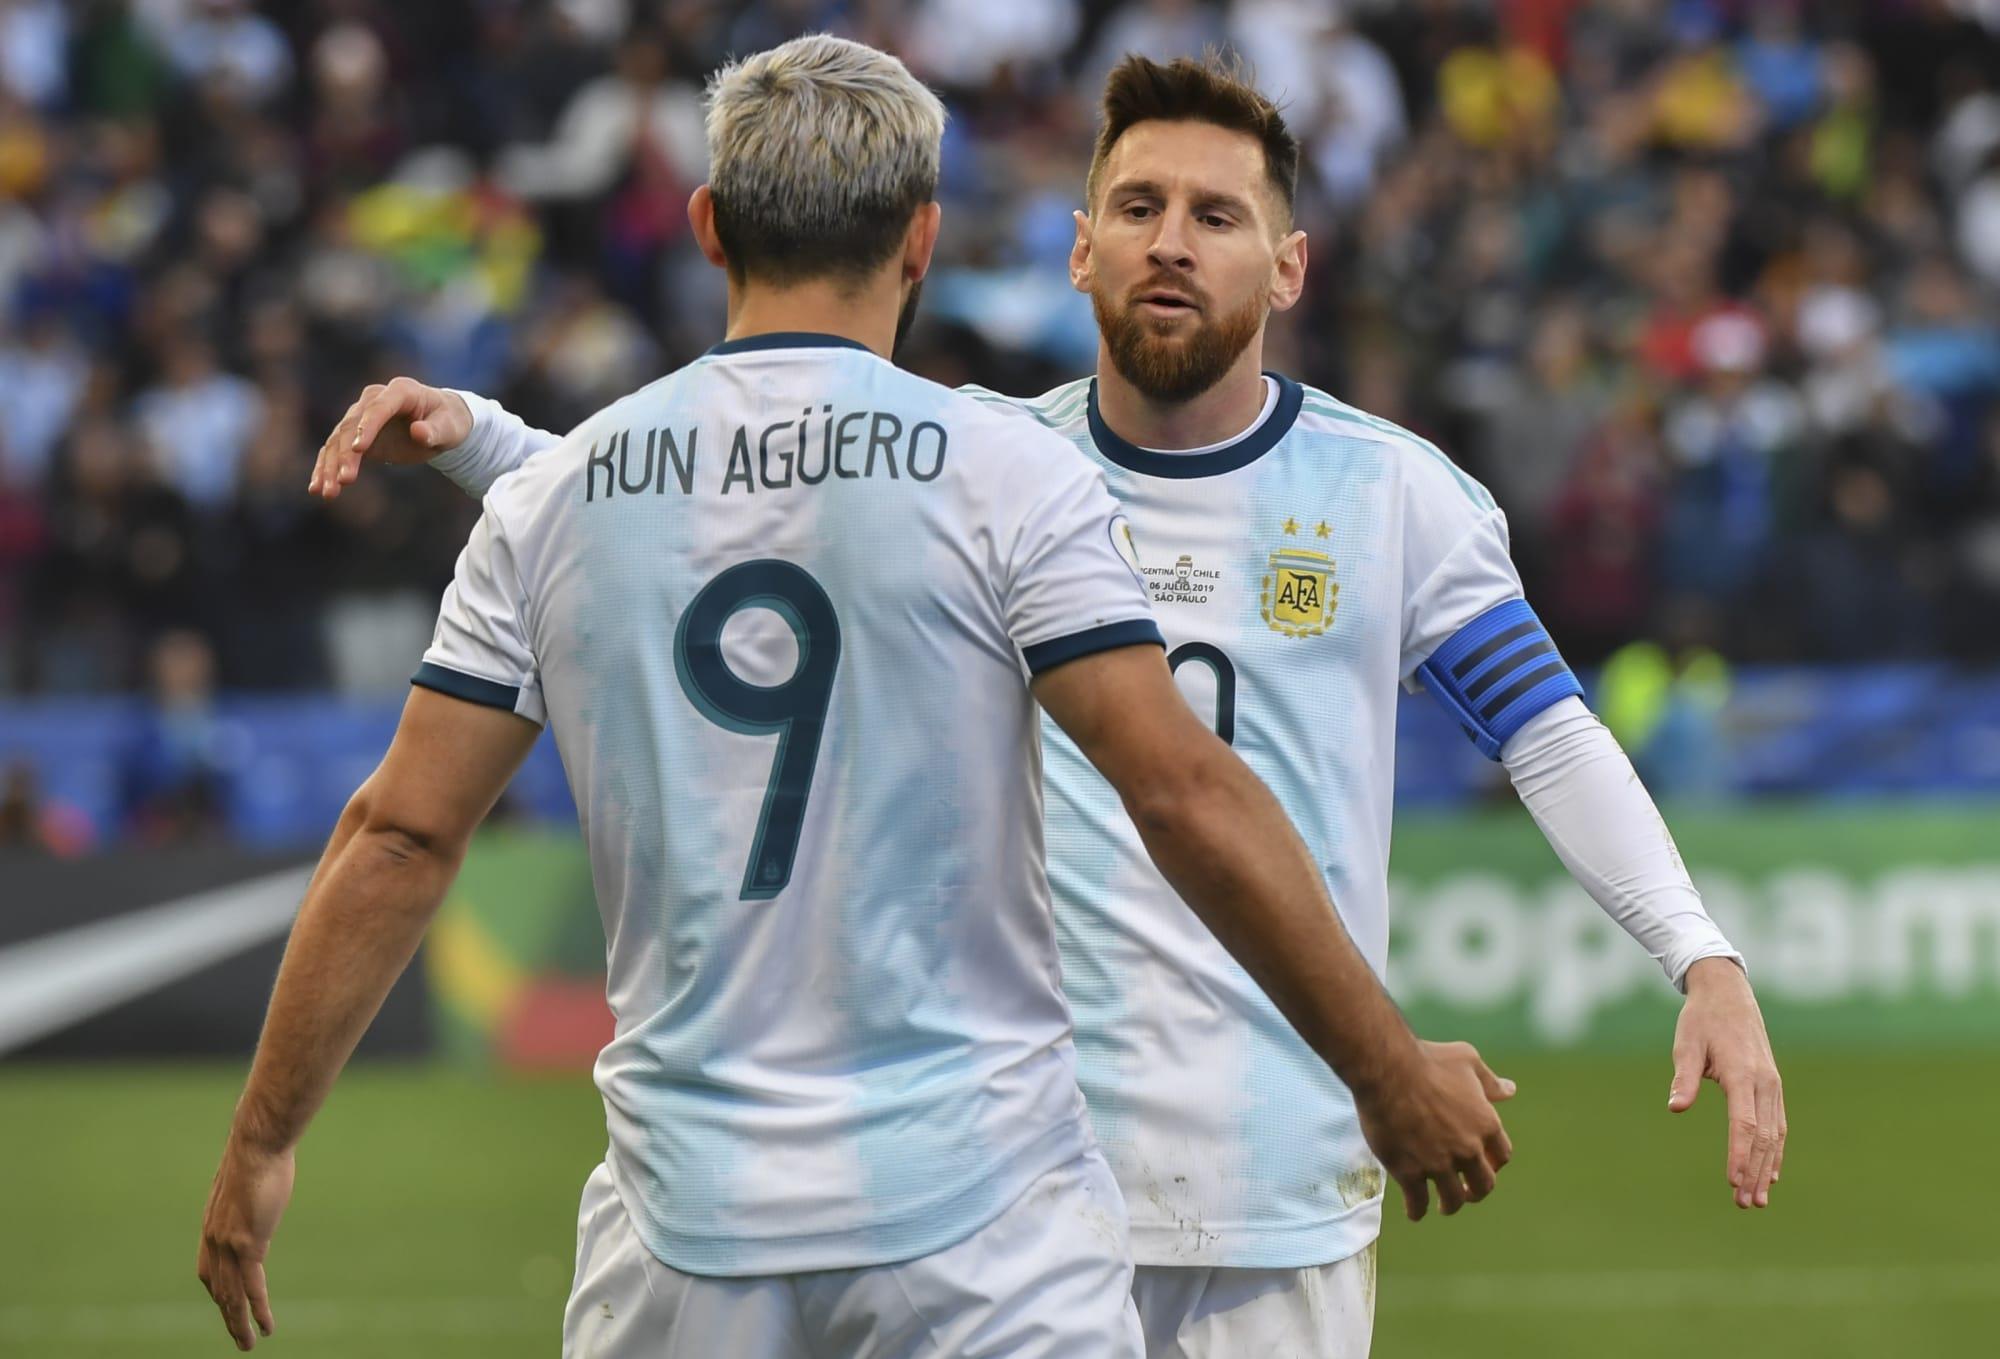 أغويرو يثق ببقاء ميسي في برشلونة